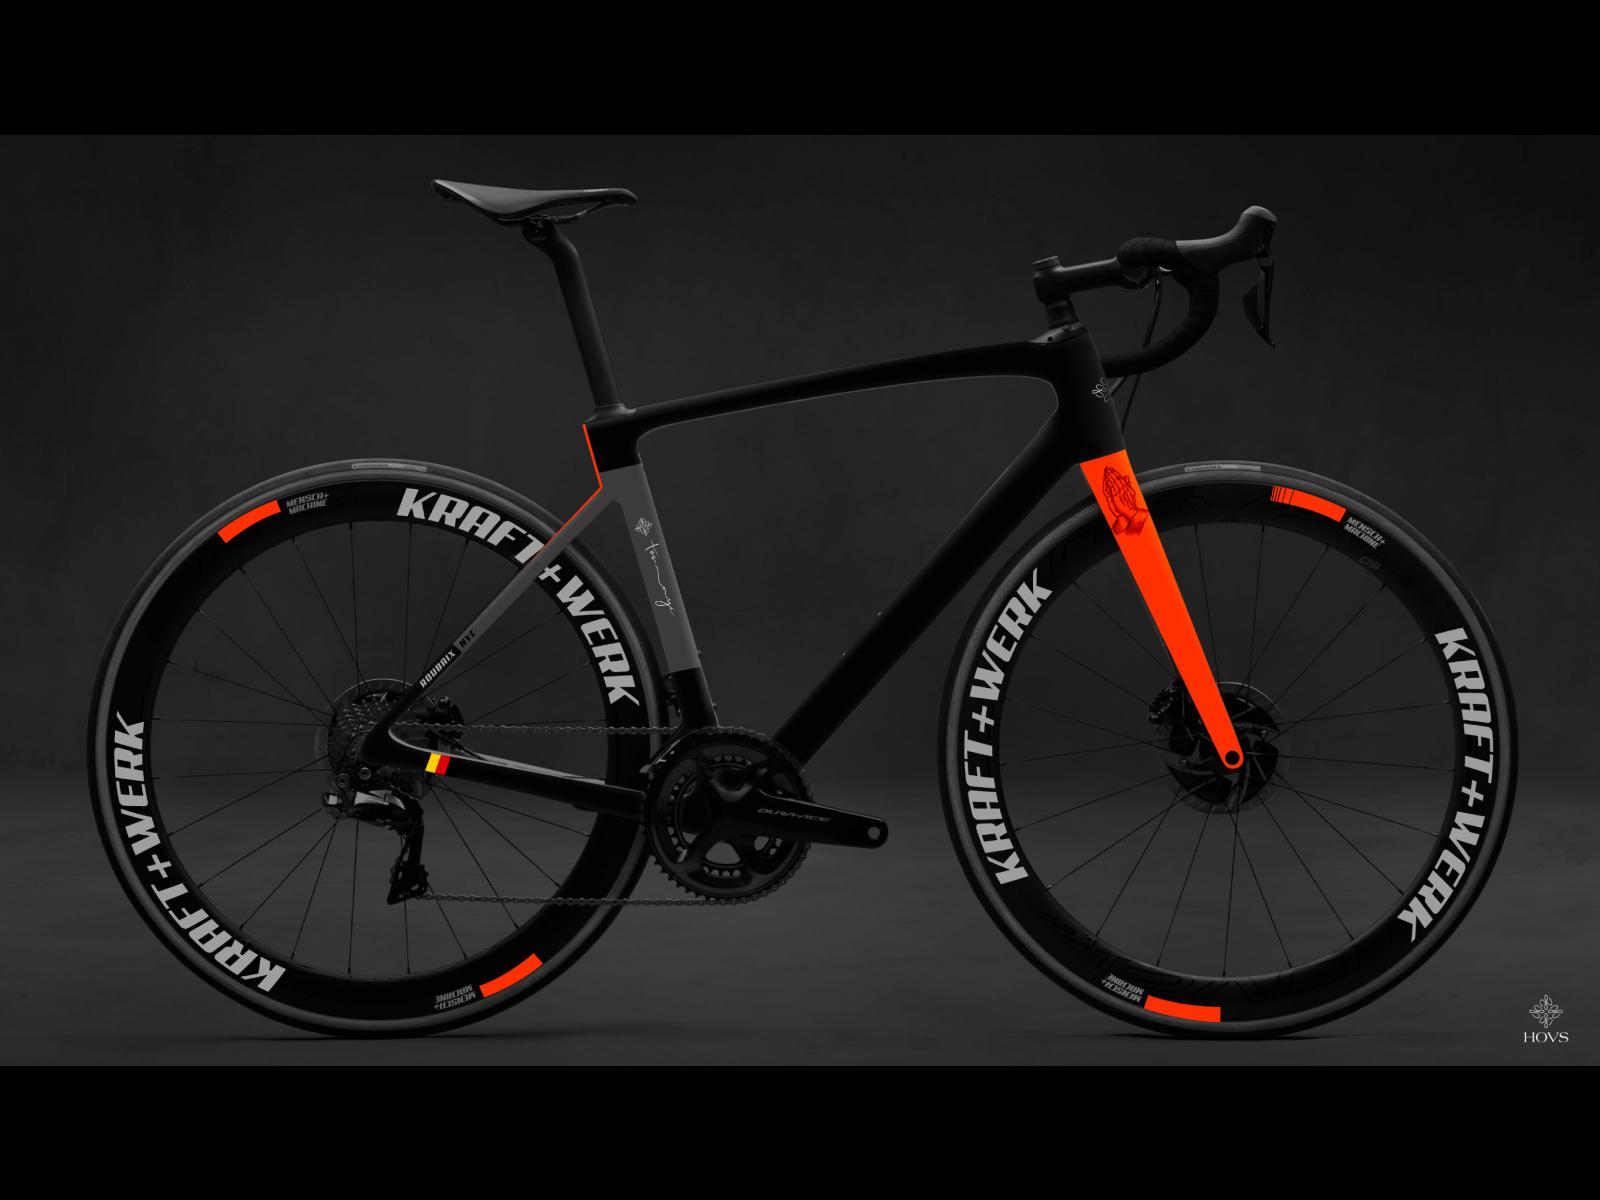 Custom Paint for Bike